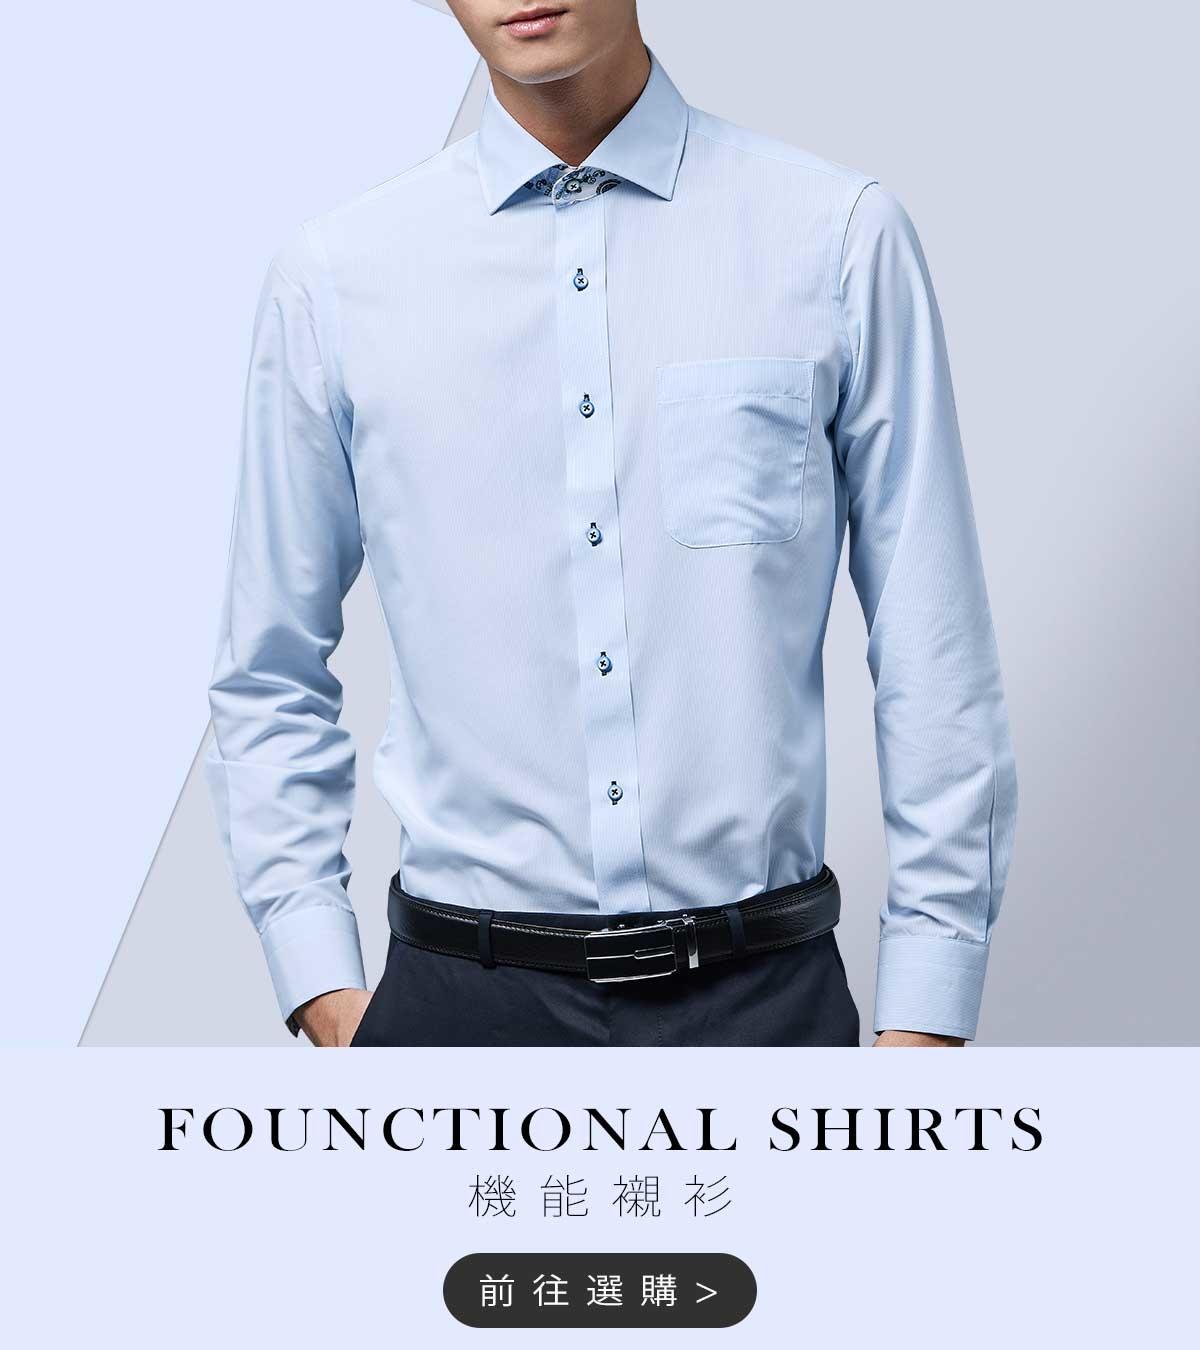 商務襯衫│機能性襯衫,運動服飾機能布料,具備吸濕排汗、防皺、透氣